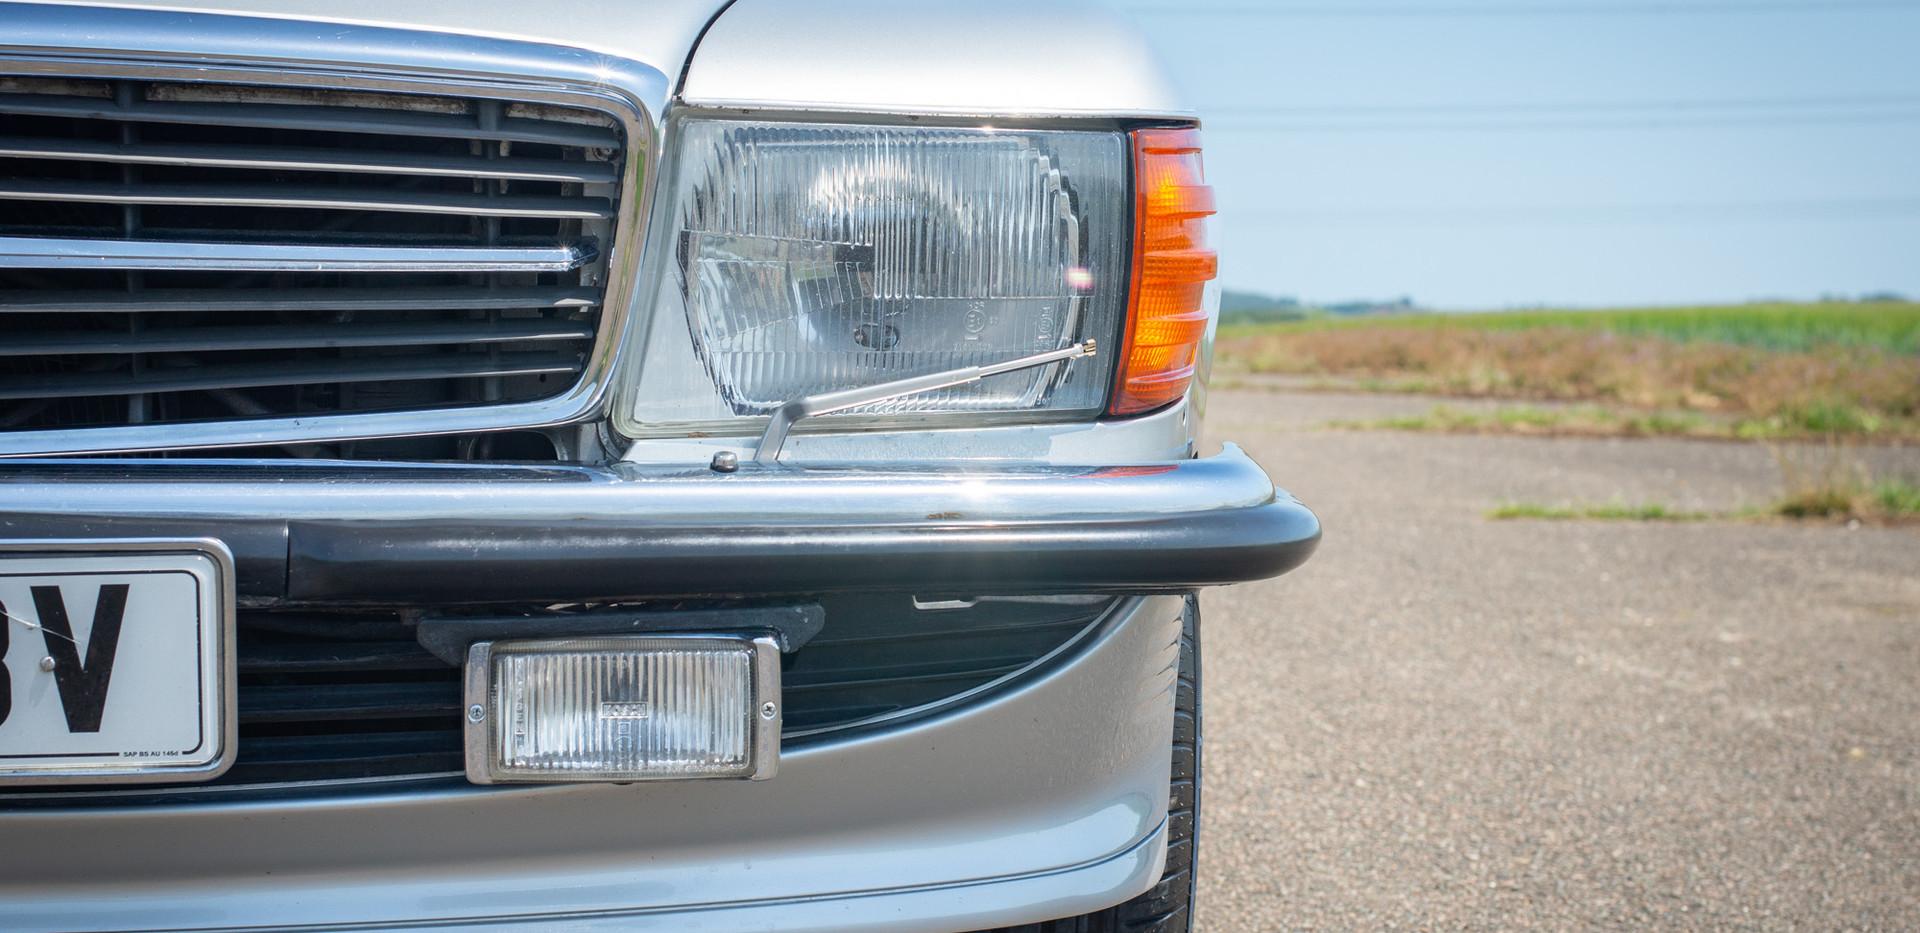 R107 300SL Silver C272 RBV-32.jpg